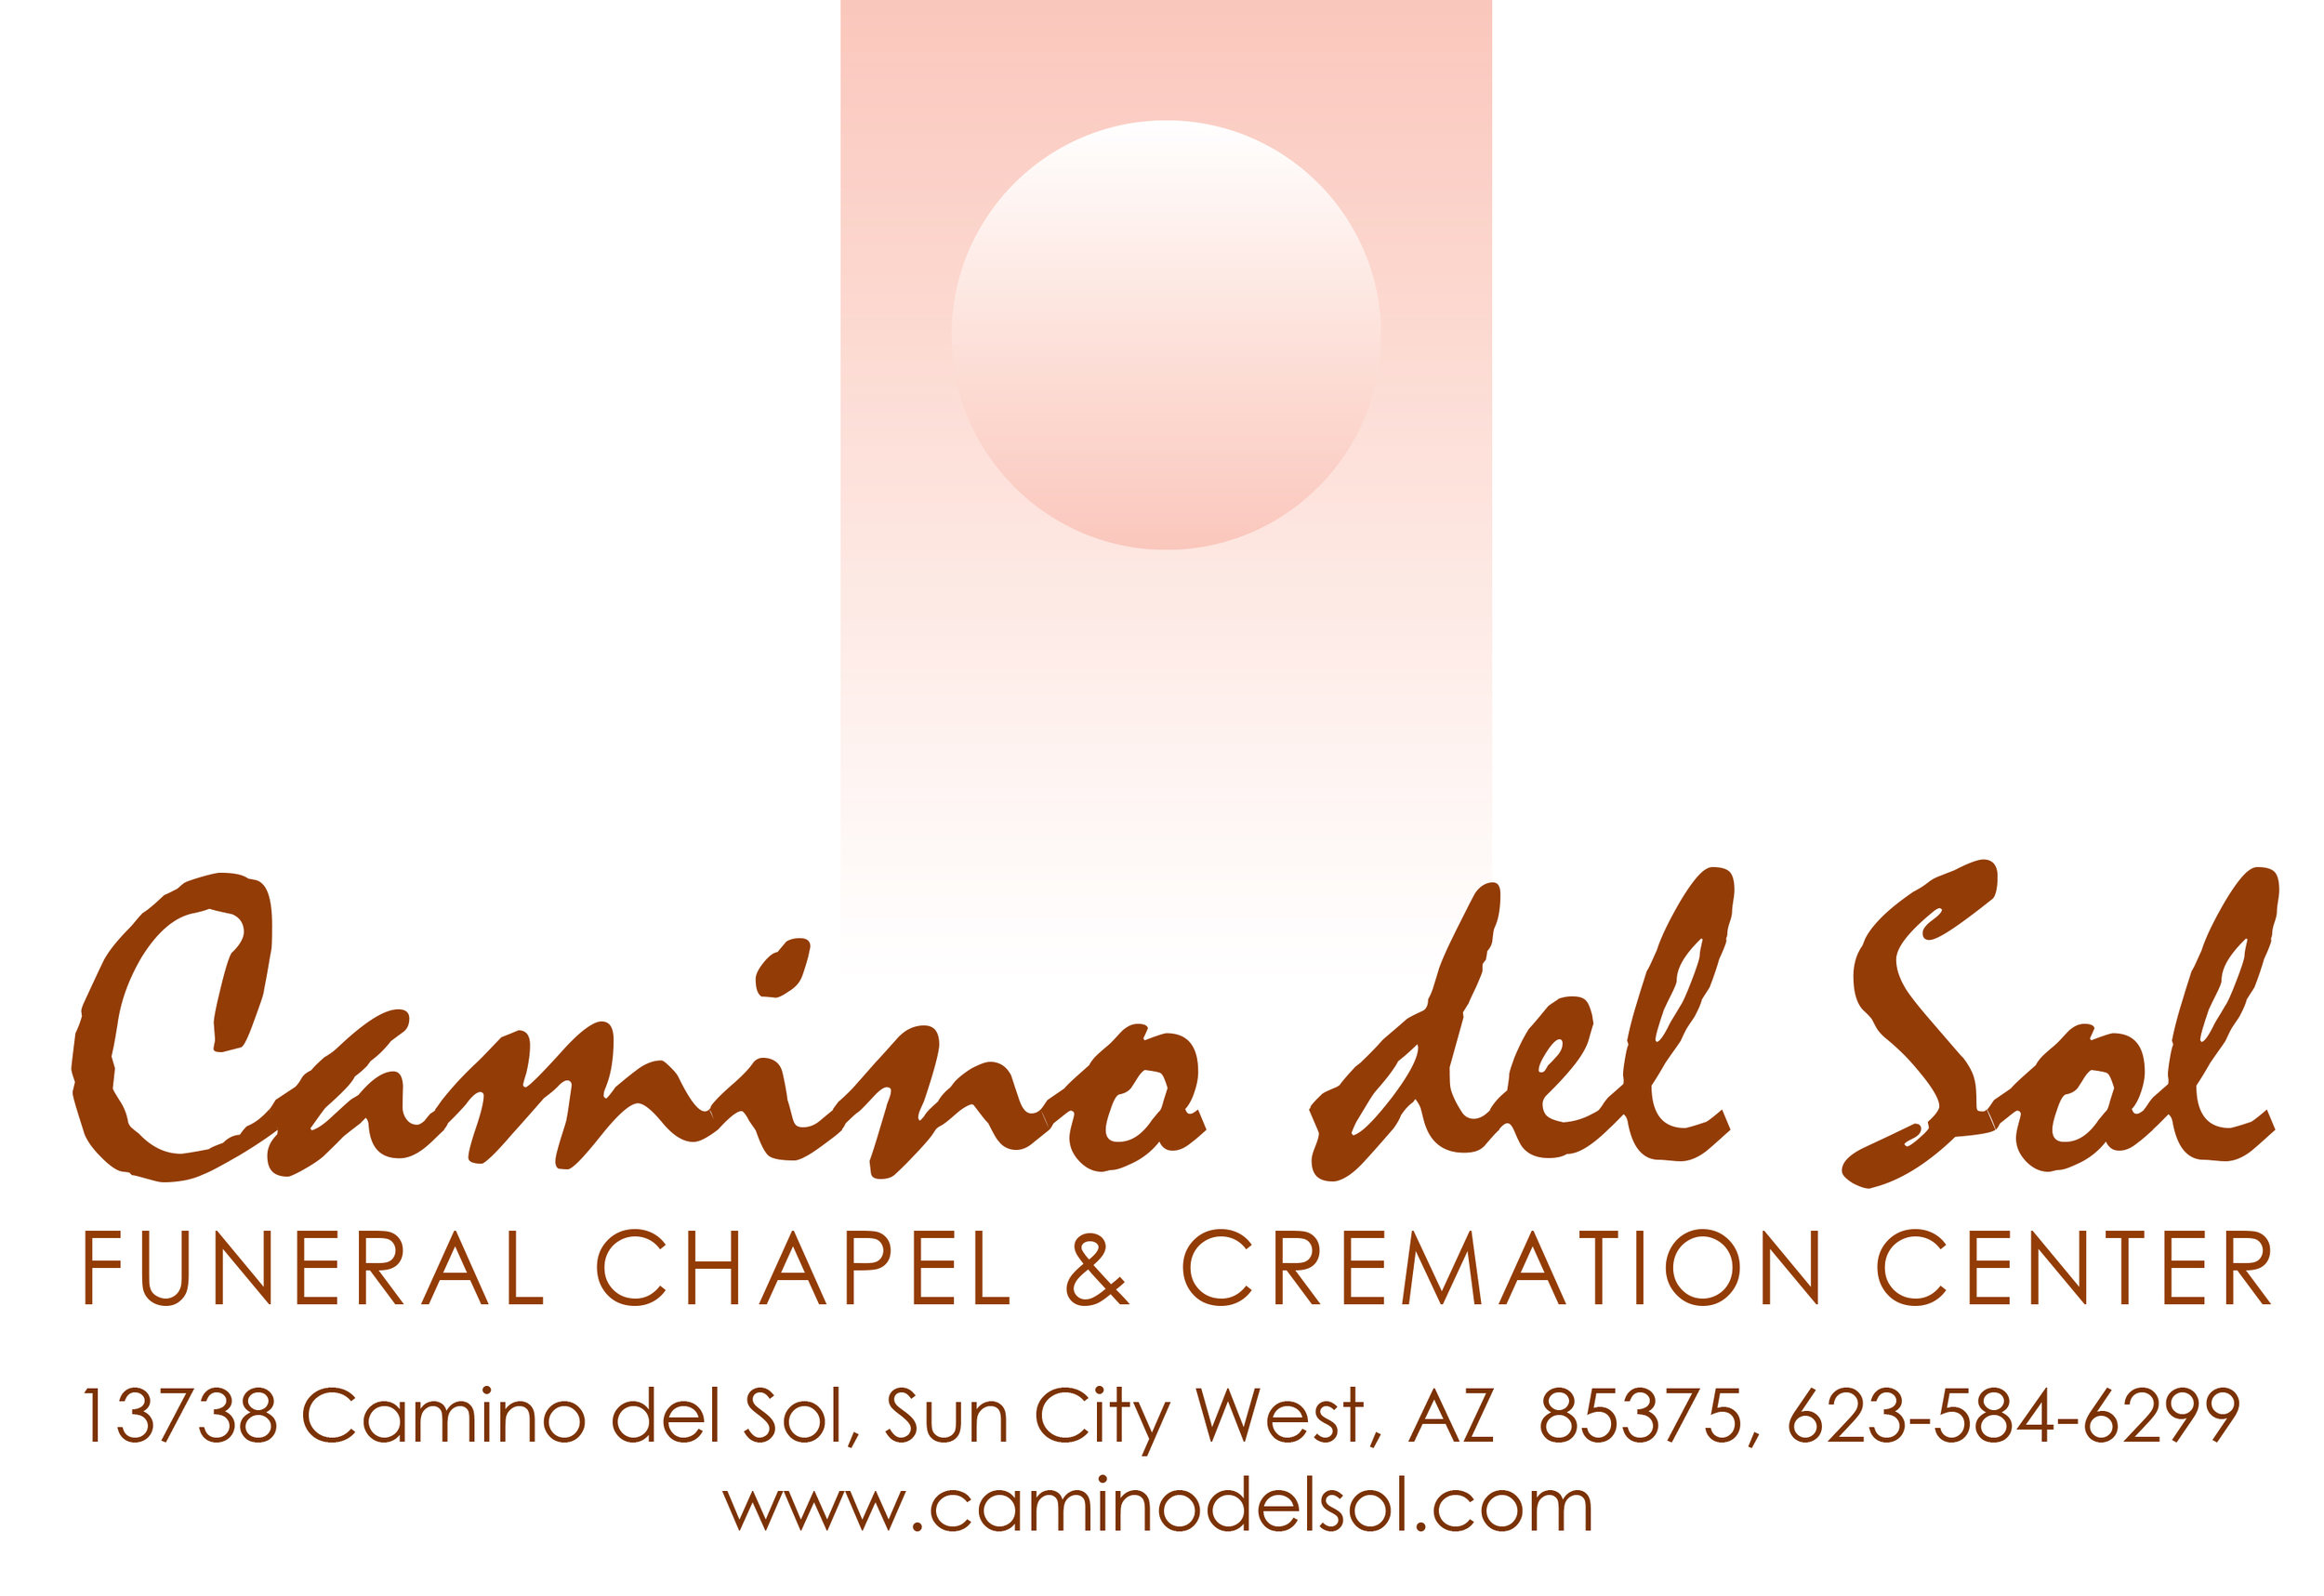 Camino del Sol Funeral Chapel